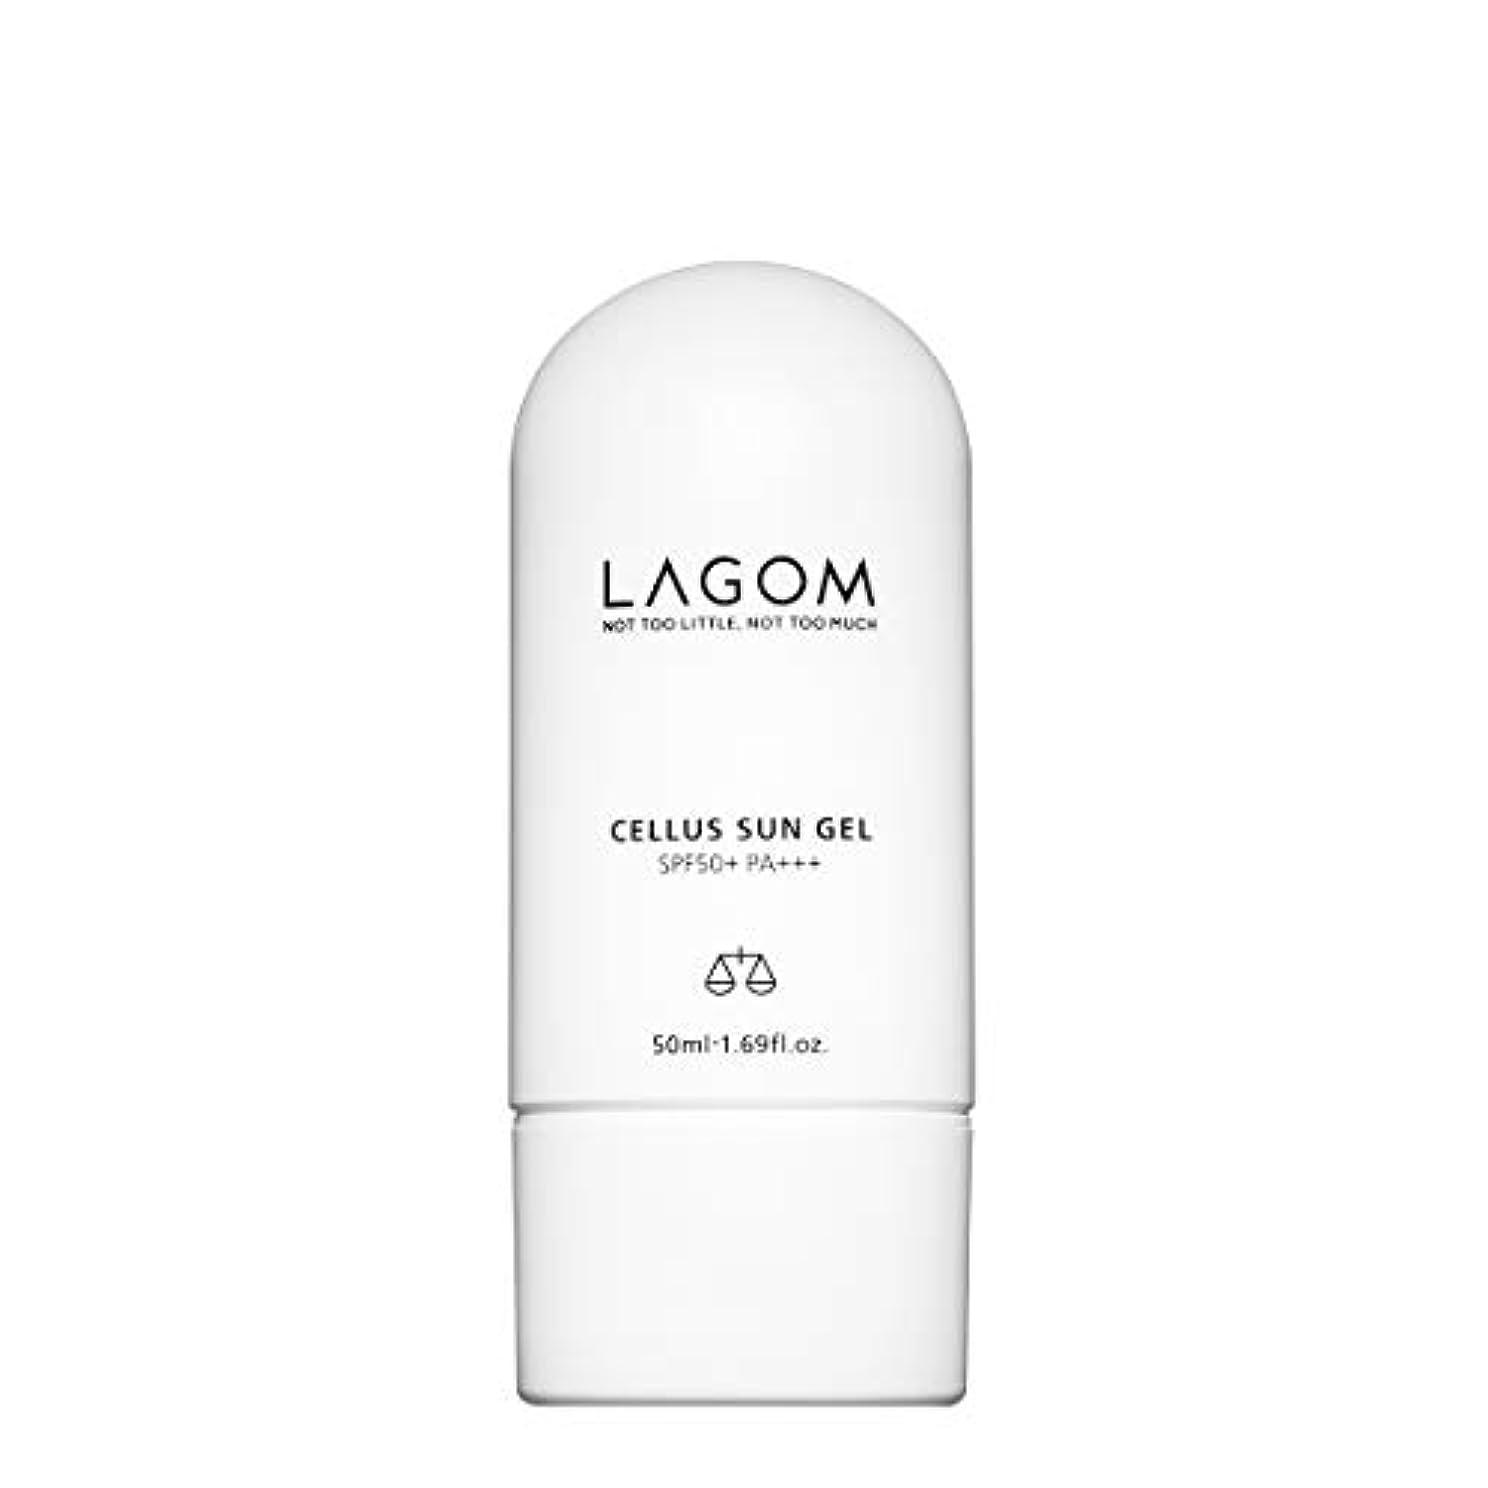 シンプルさ有望味わうラゴム サンジェル 50ml (日焼け止め乳液) SPF50+/PA+++ 国内正規品